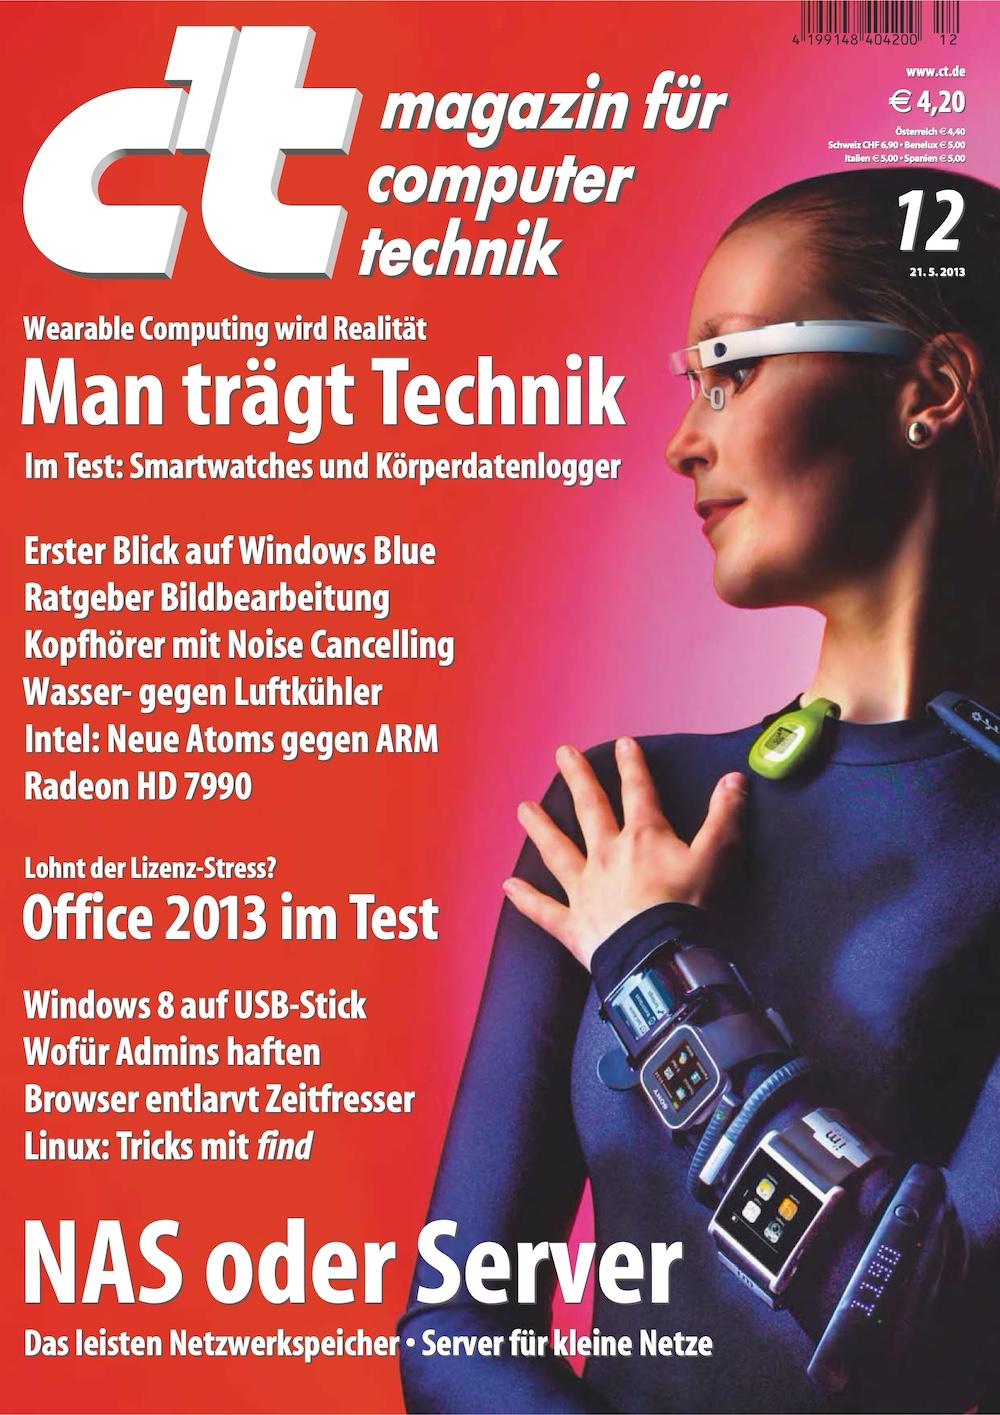 c't Magazin 2013-12